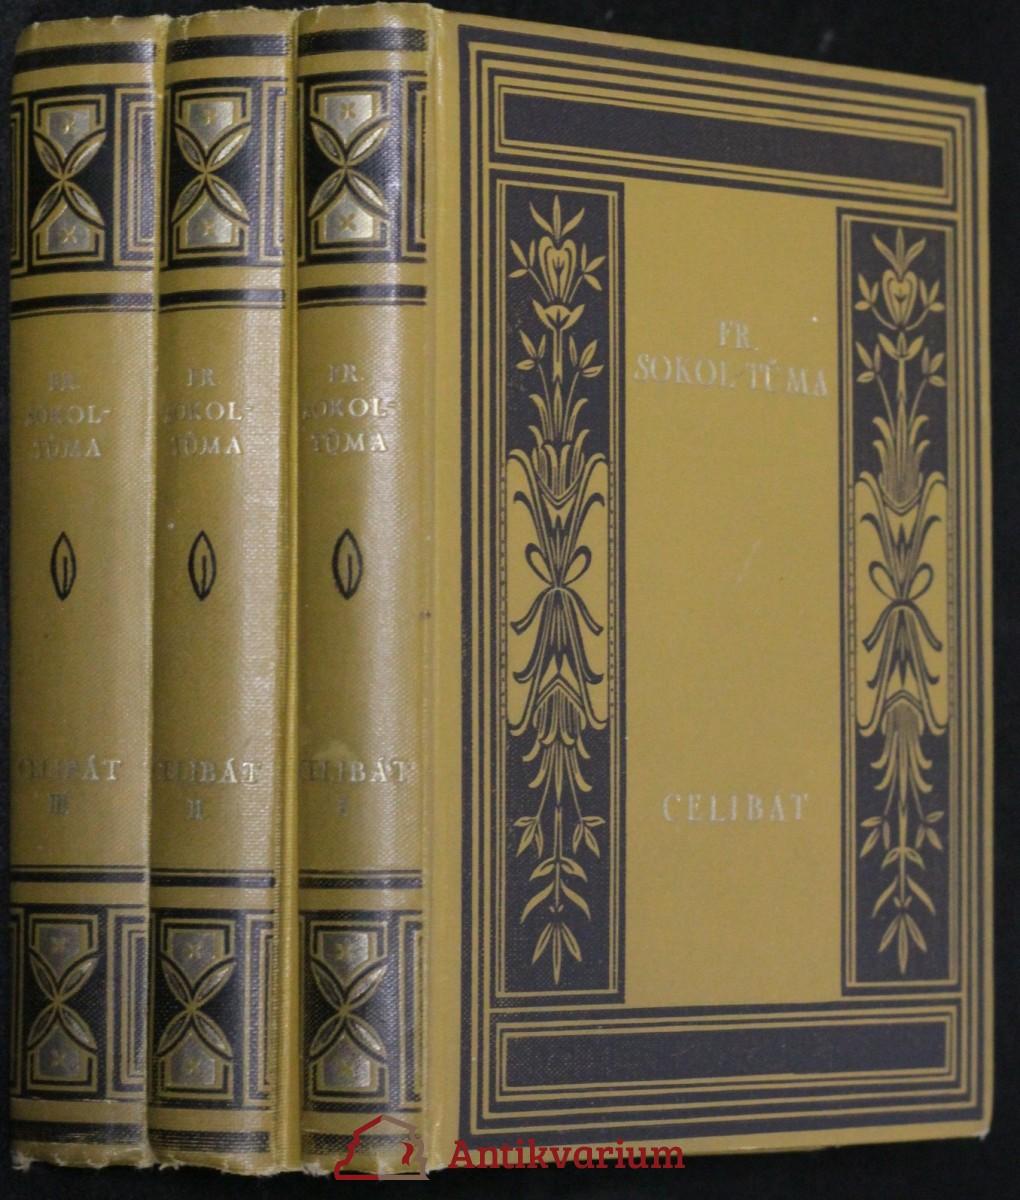 antikvární kniha Celibát I. - III. díl, 1928